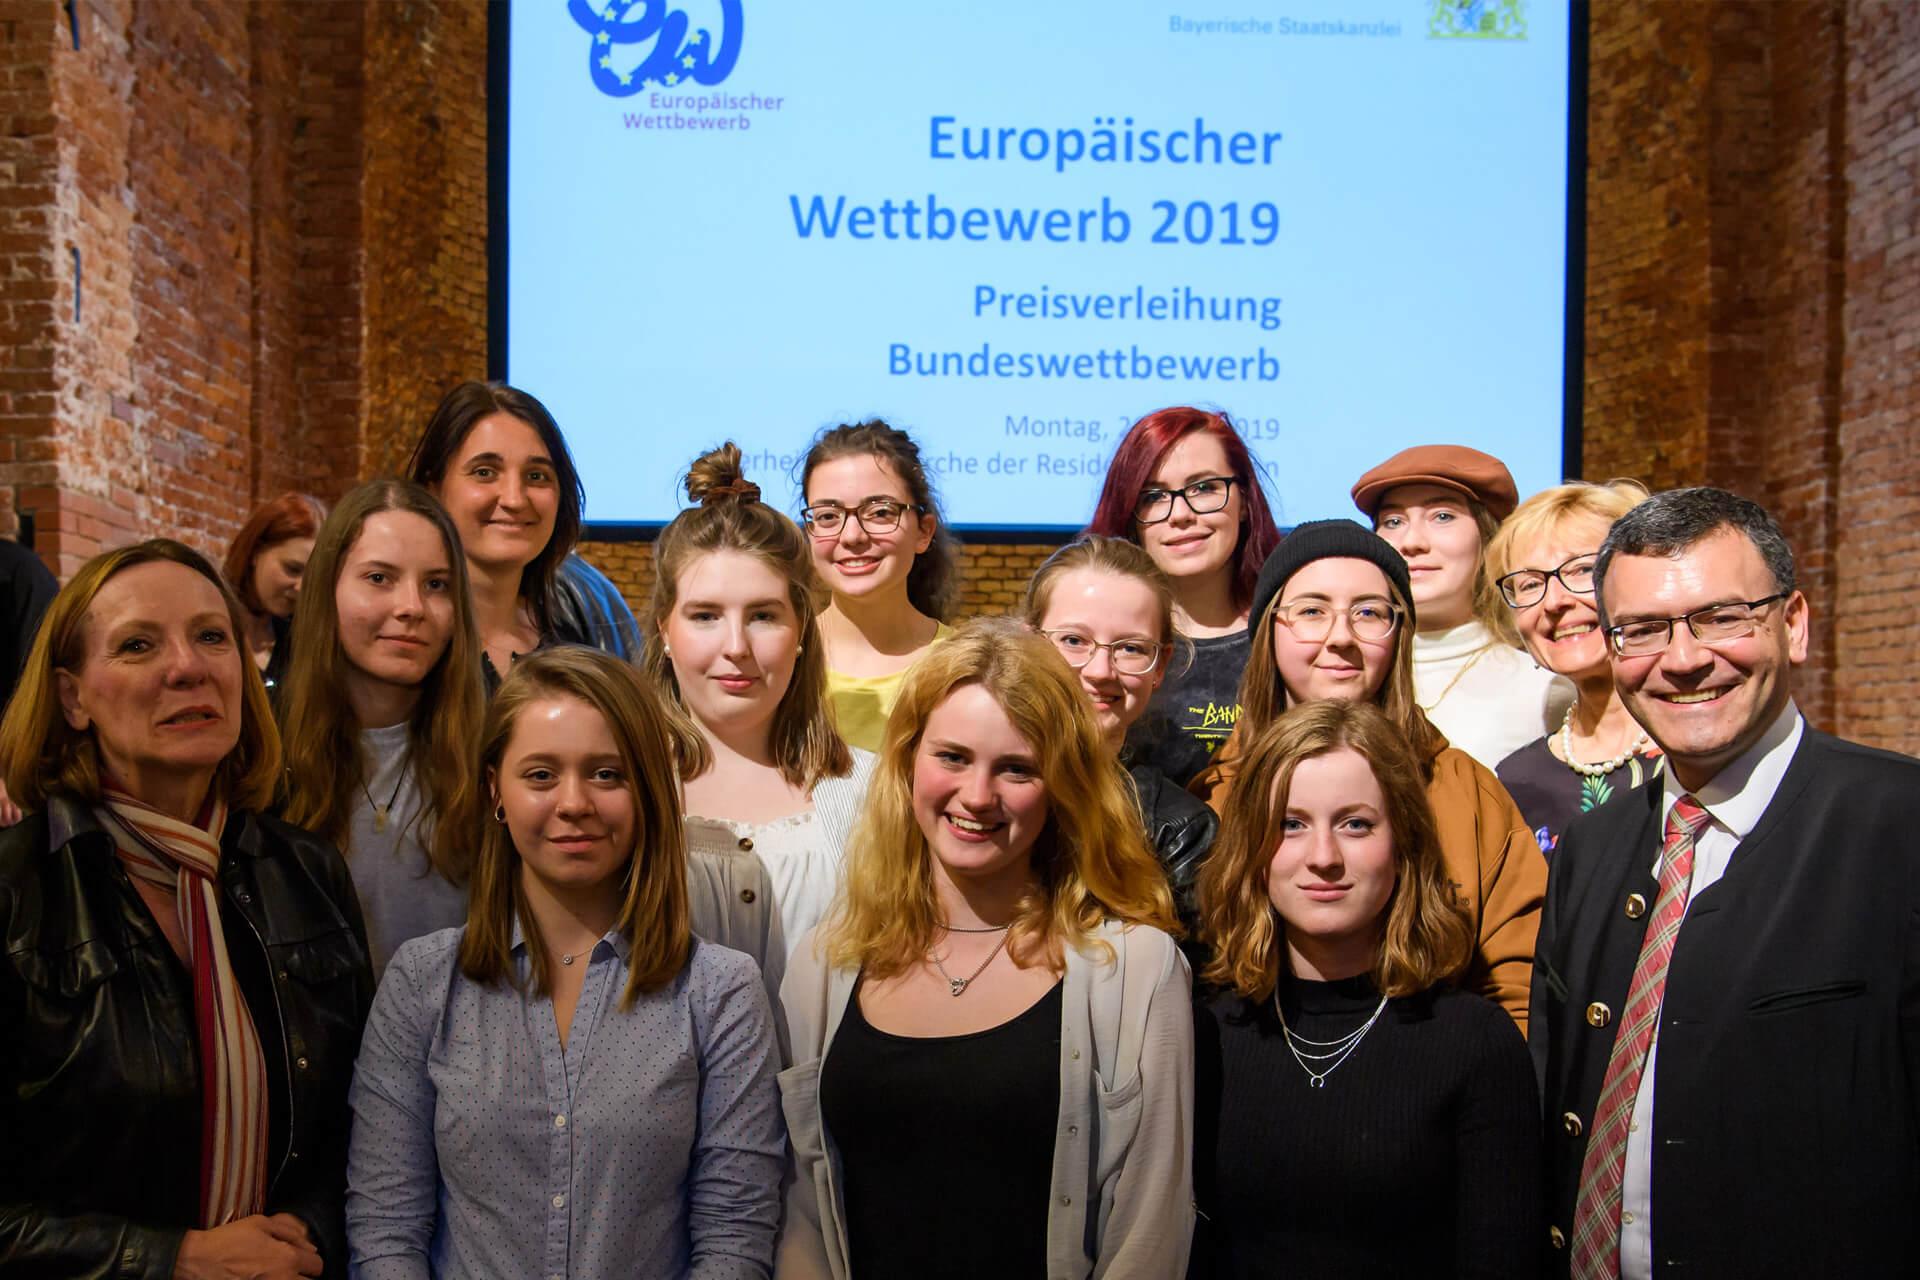 2019 05 20 Europaeischer Wettbewerb 3